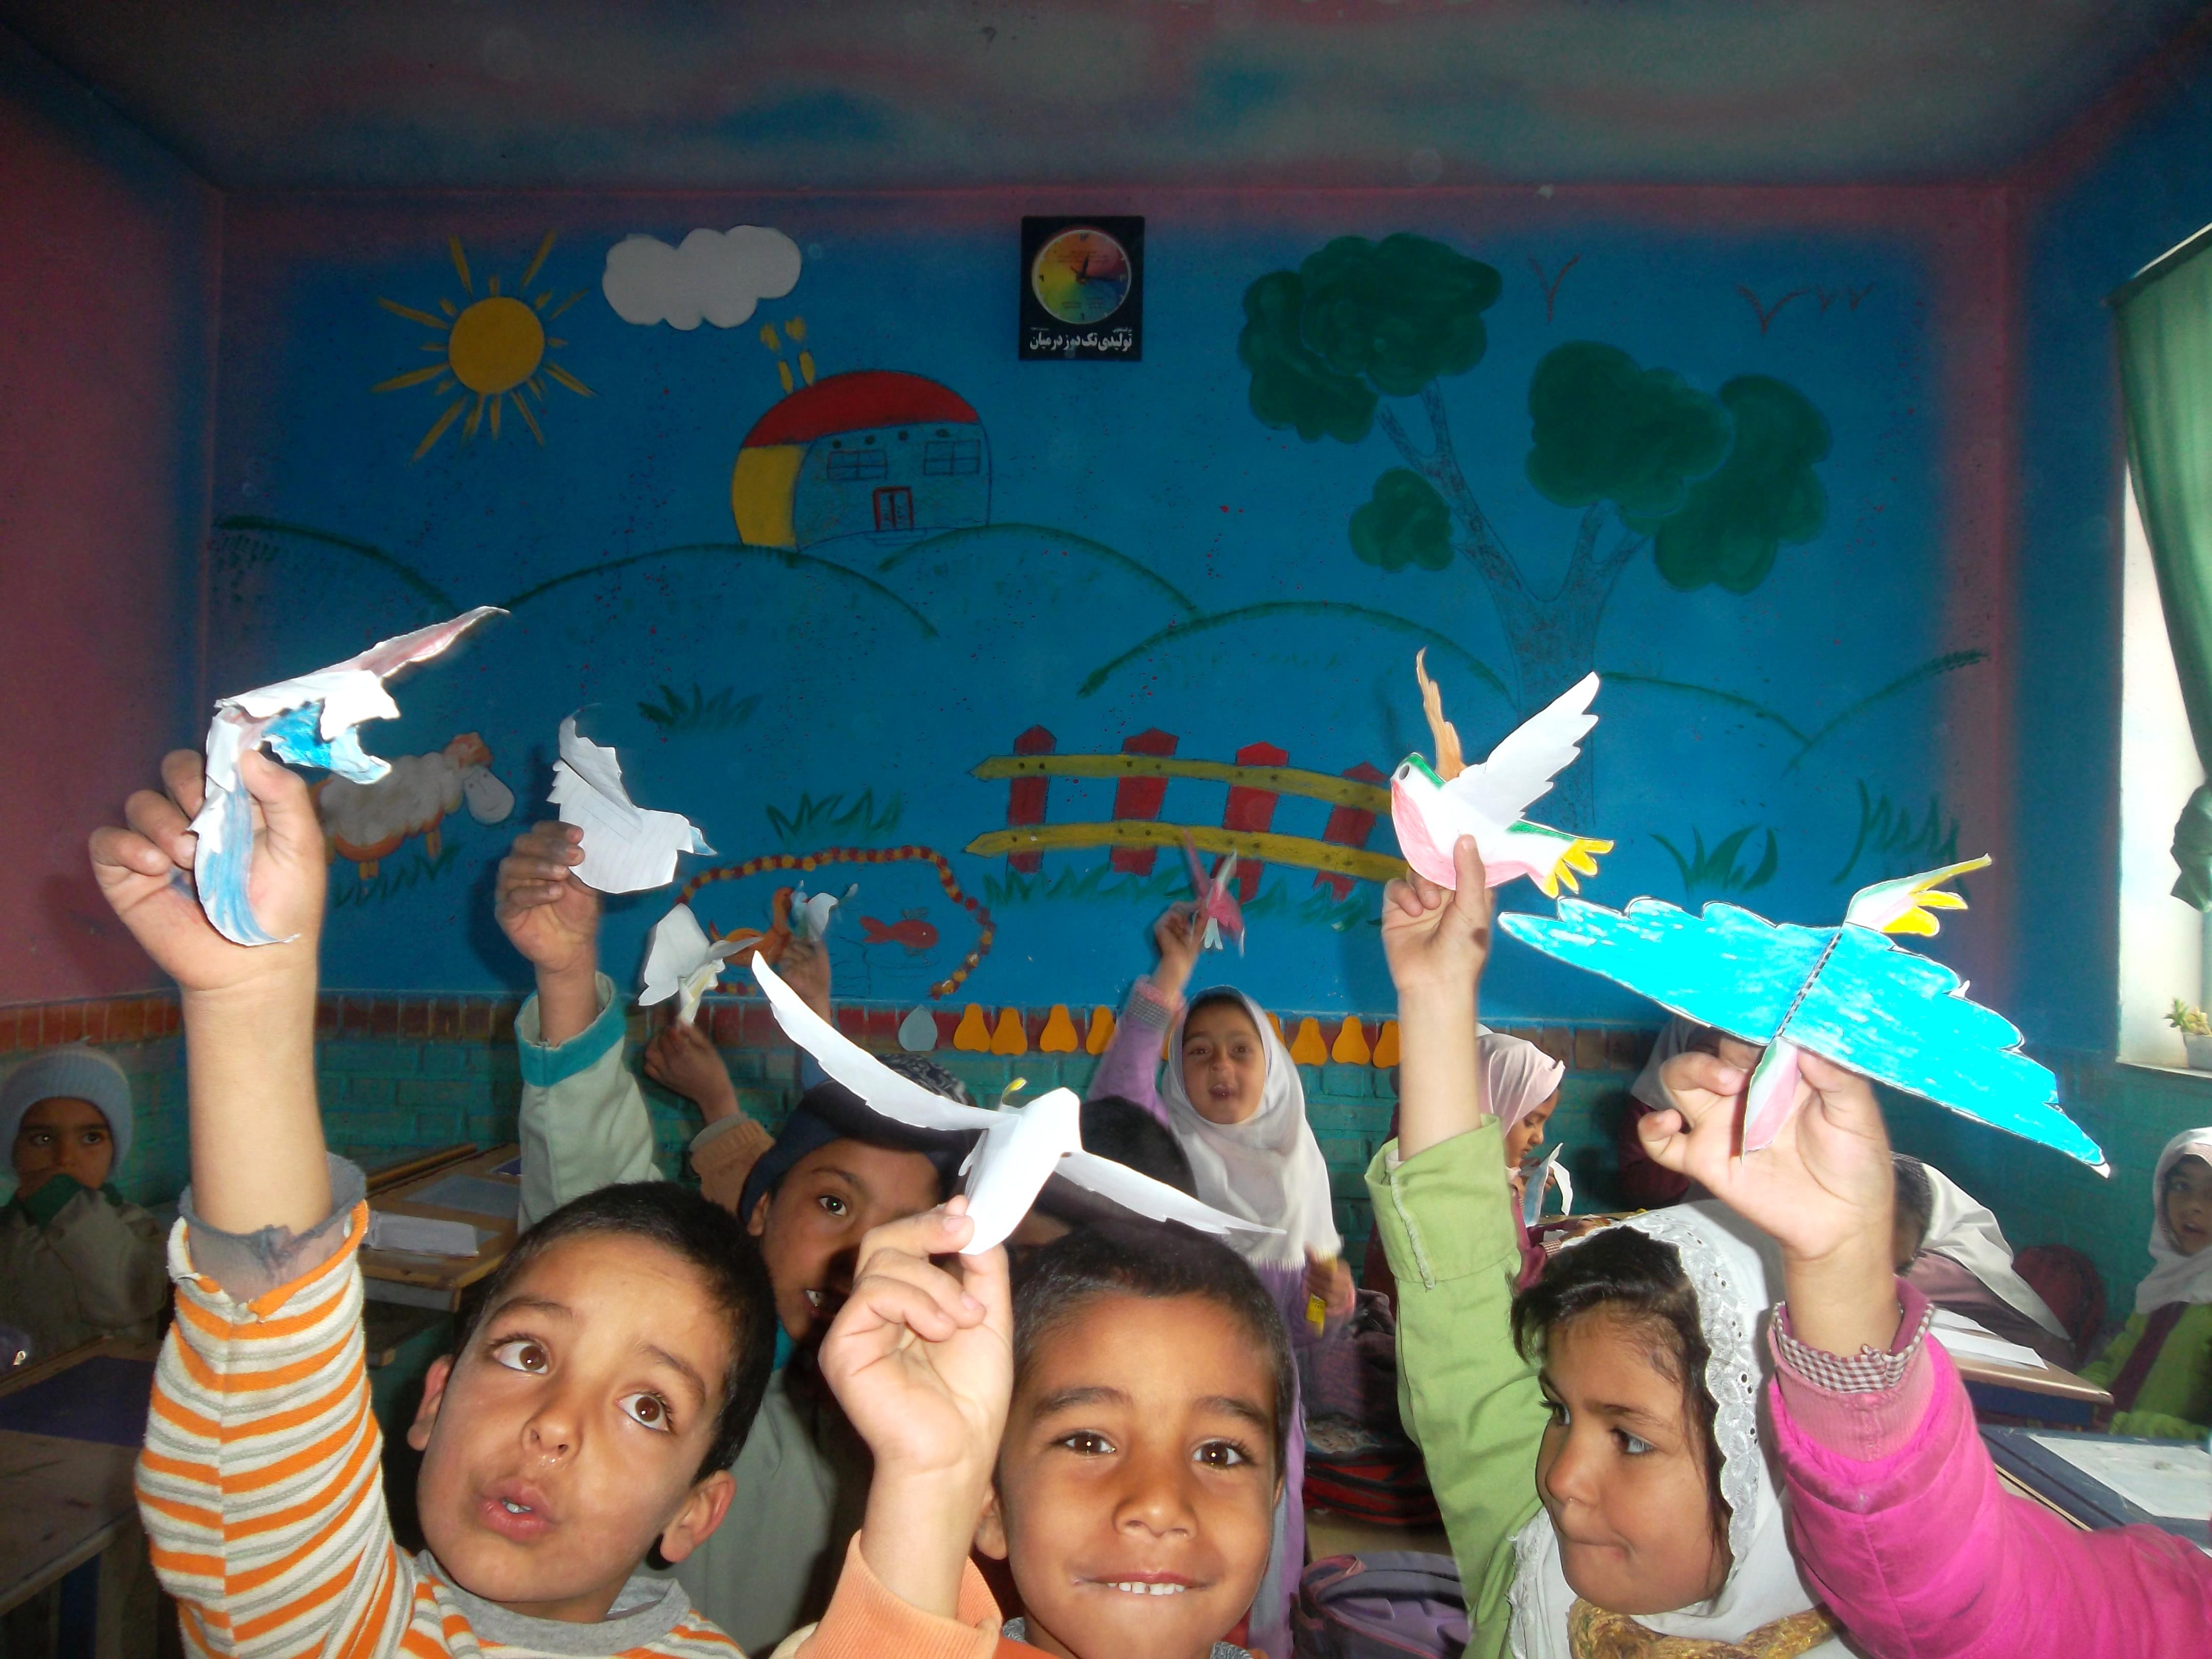 تخیل، بستر خلاقیت در کودکان است